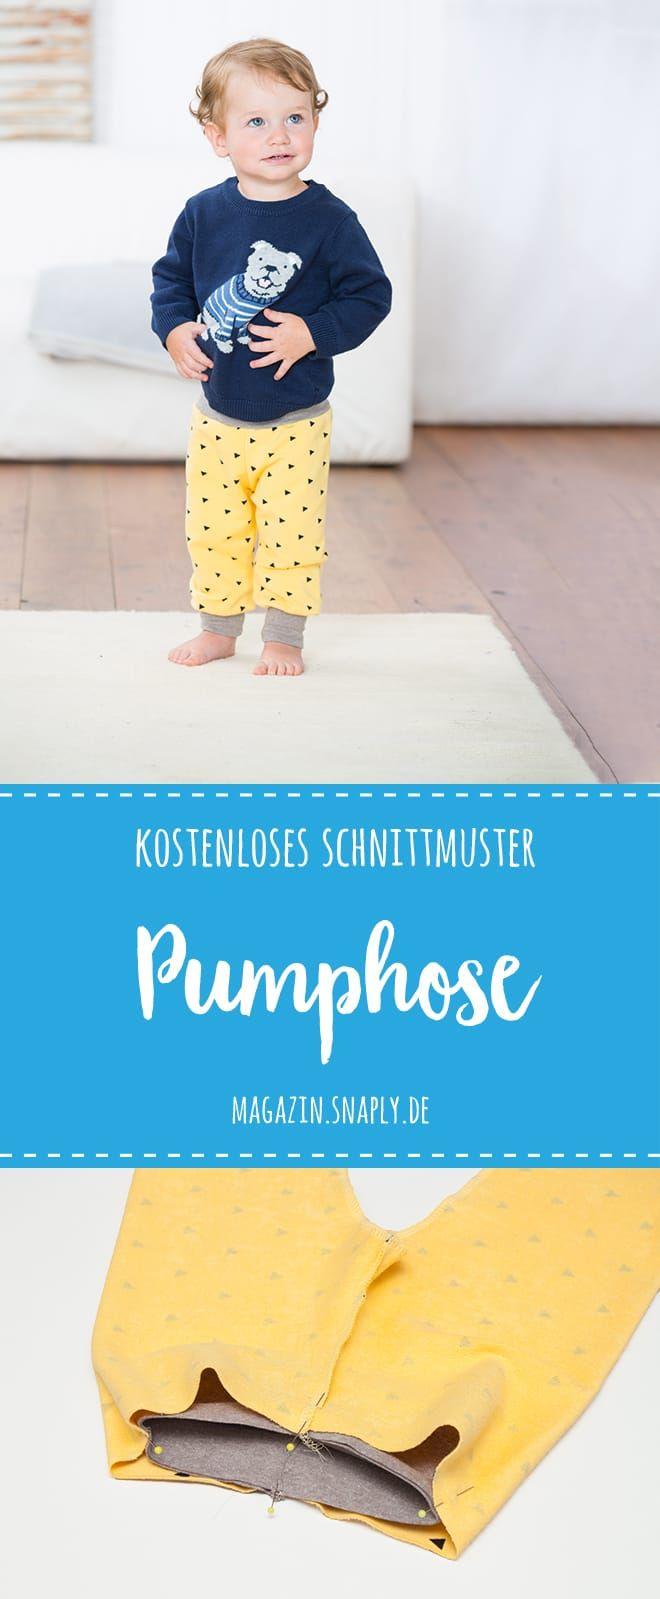 Kostenloses Schnittmuster: Pumphose für Babies und Kleinkinder #clothpatterns